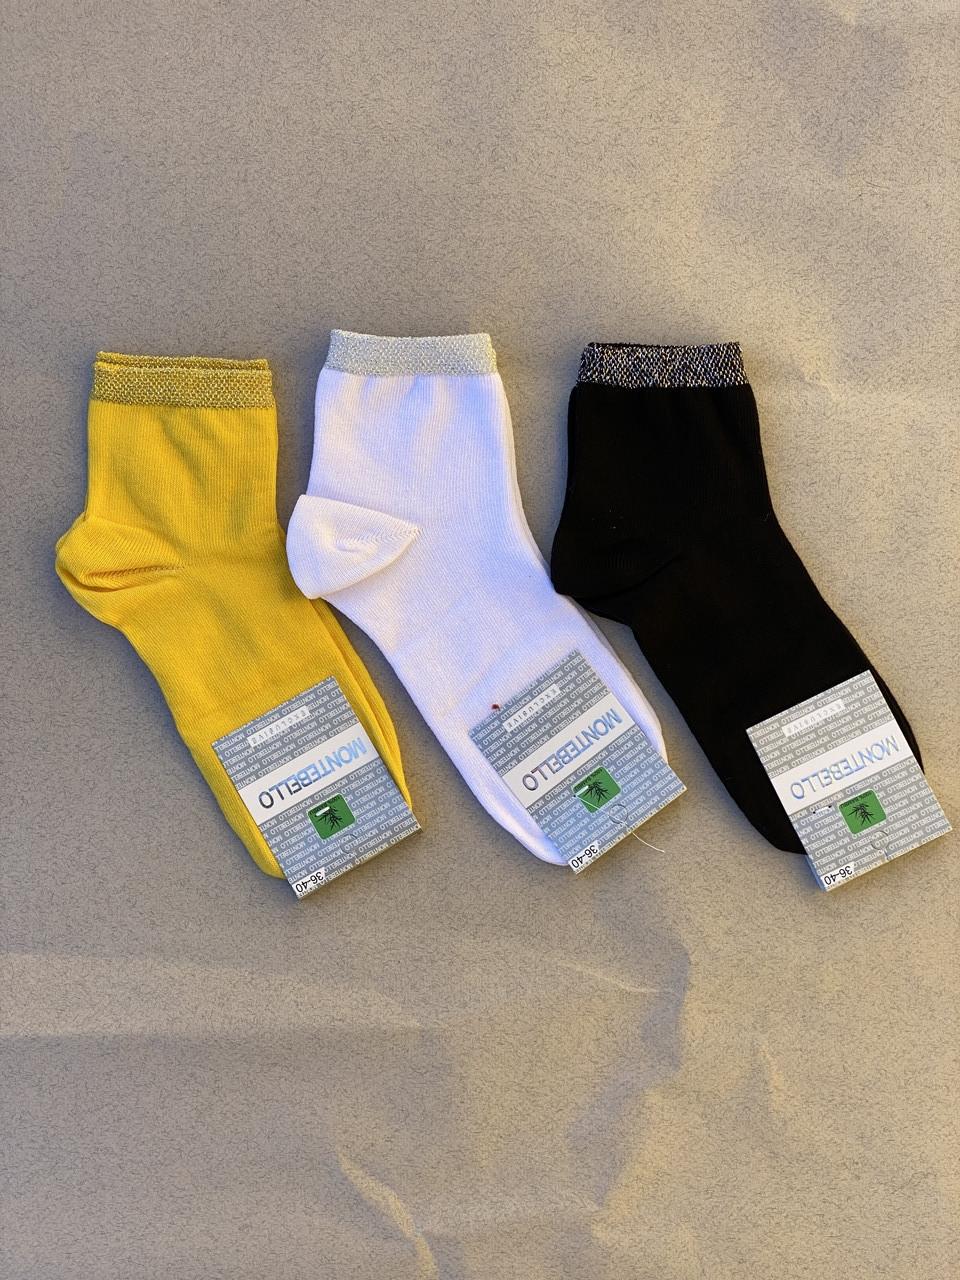 Жіночі шкарпетки з люрексом носки стрейчеві Montebello 35-40 12 шт в уп білі жовті червоні сині